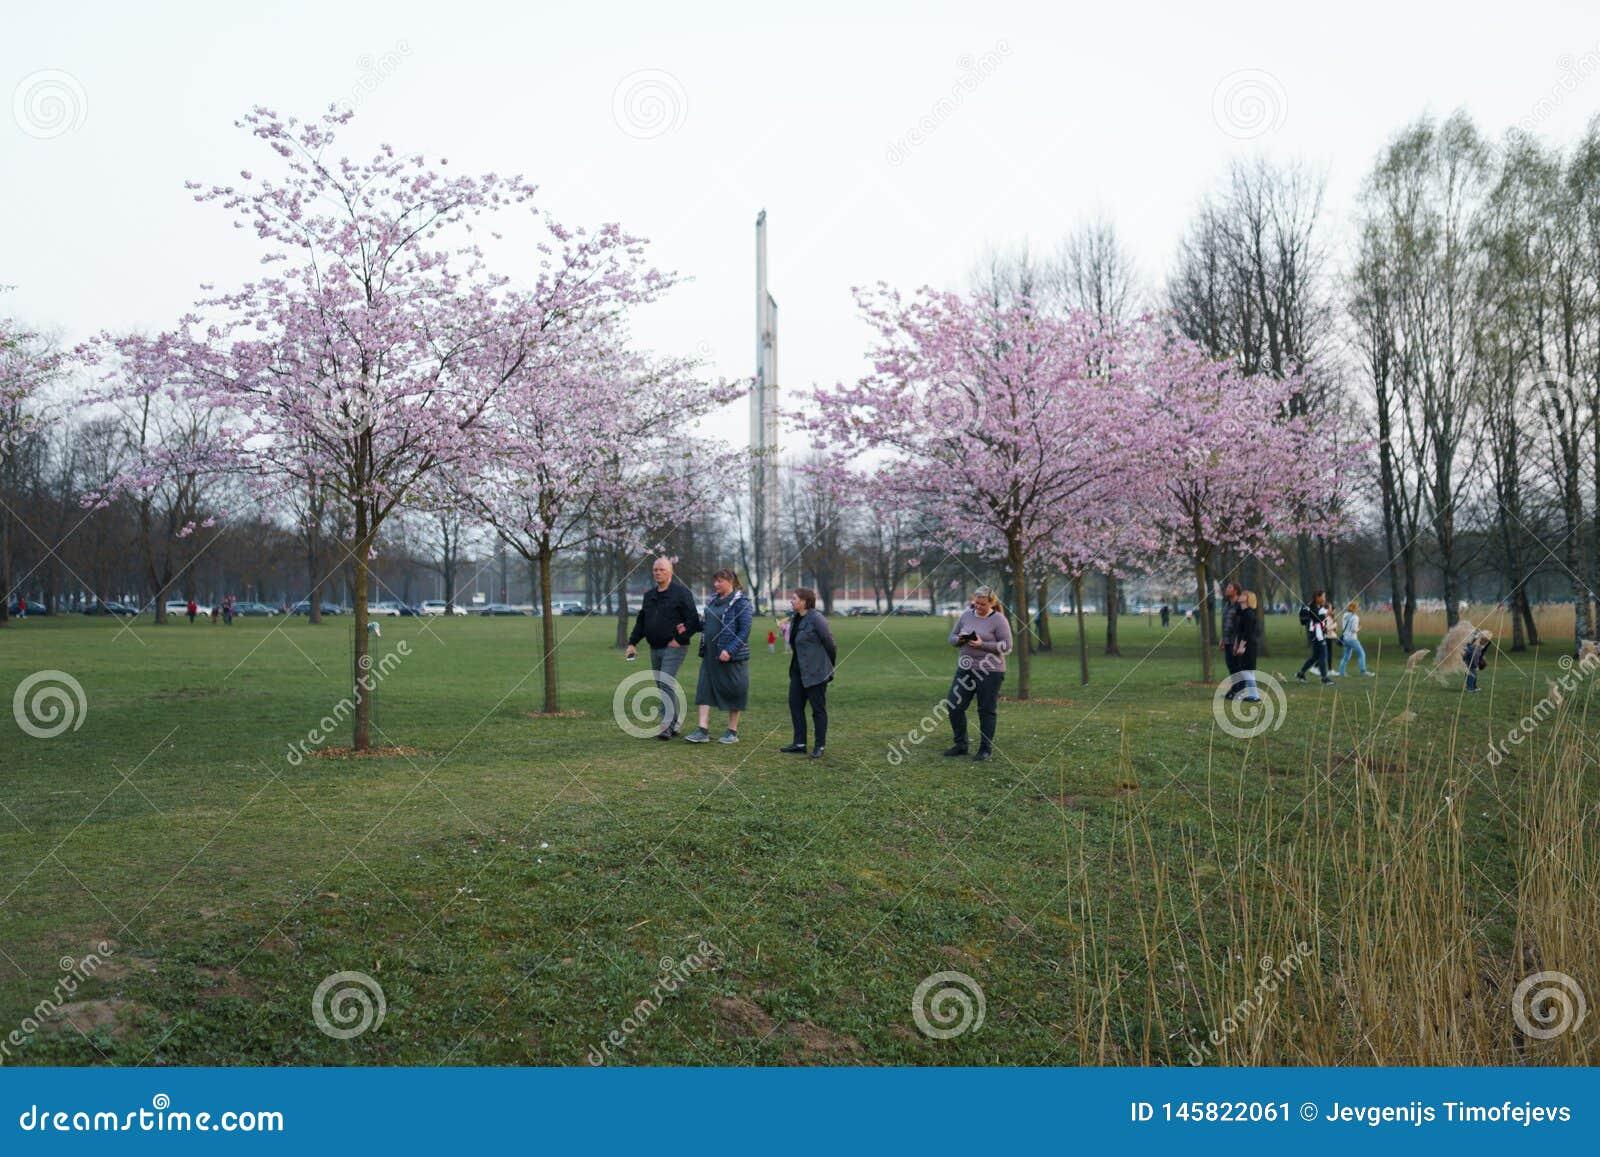 РИГА, ЛАТВИЯ - 24-ОЕ АПРЕЛЯ 2019: Люди в парке победы наслаждаясь вишневым цветом Сакуры - каналом города с летанием чайок